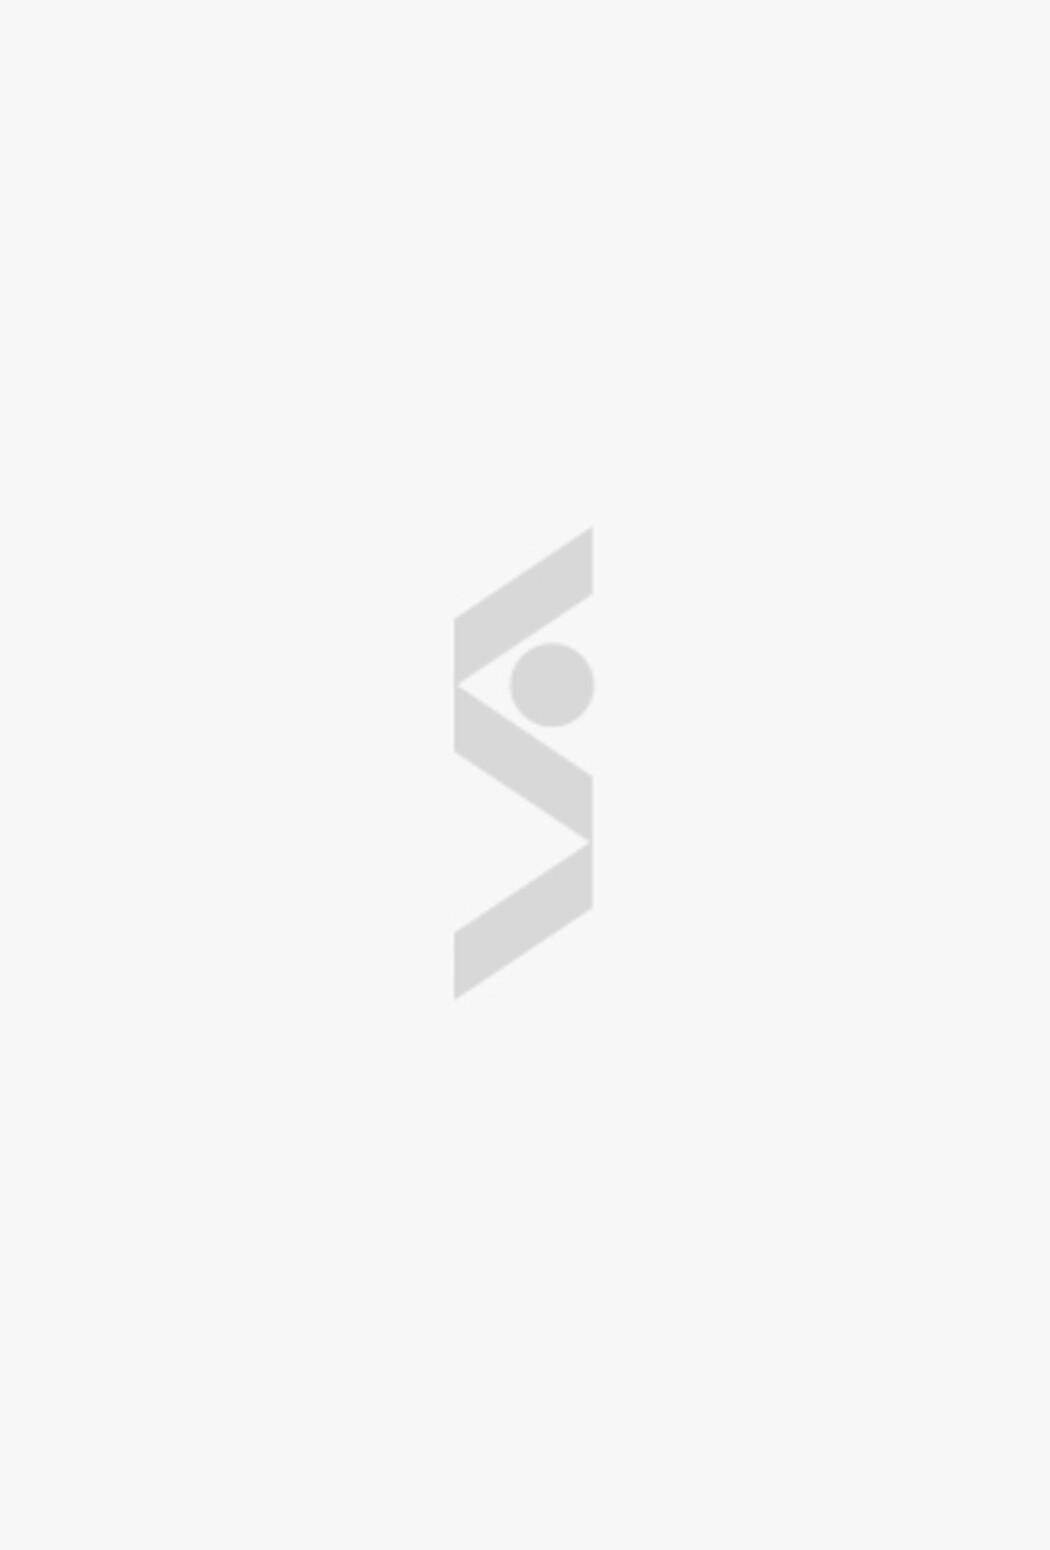 Seventeen косметика где купить в краснодаре оригинальная косметика купить оптом